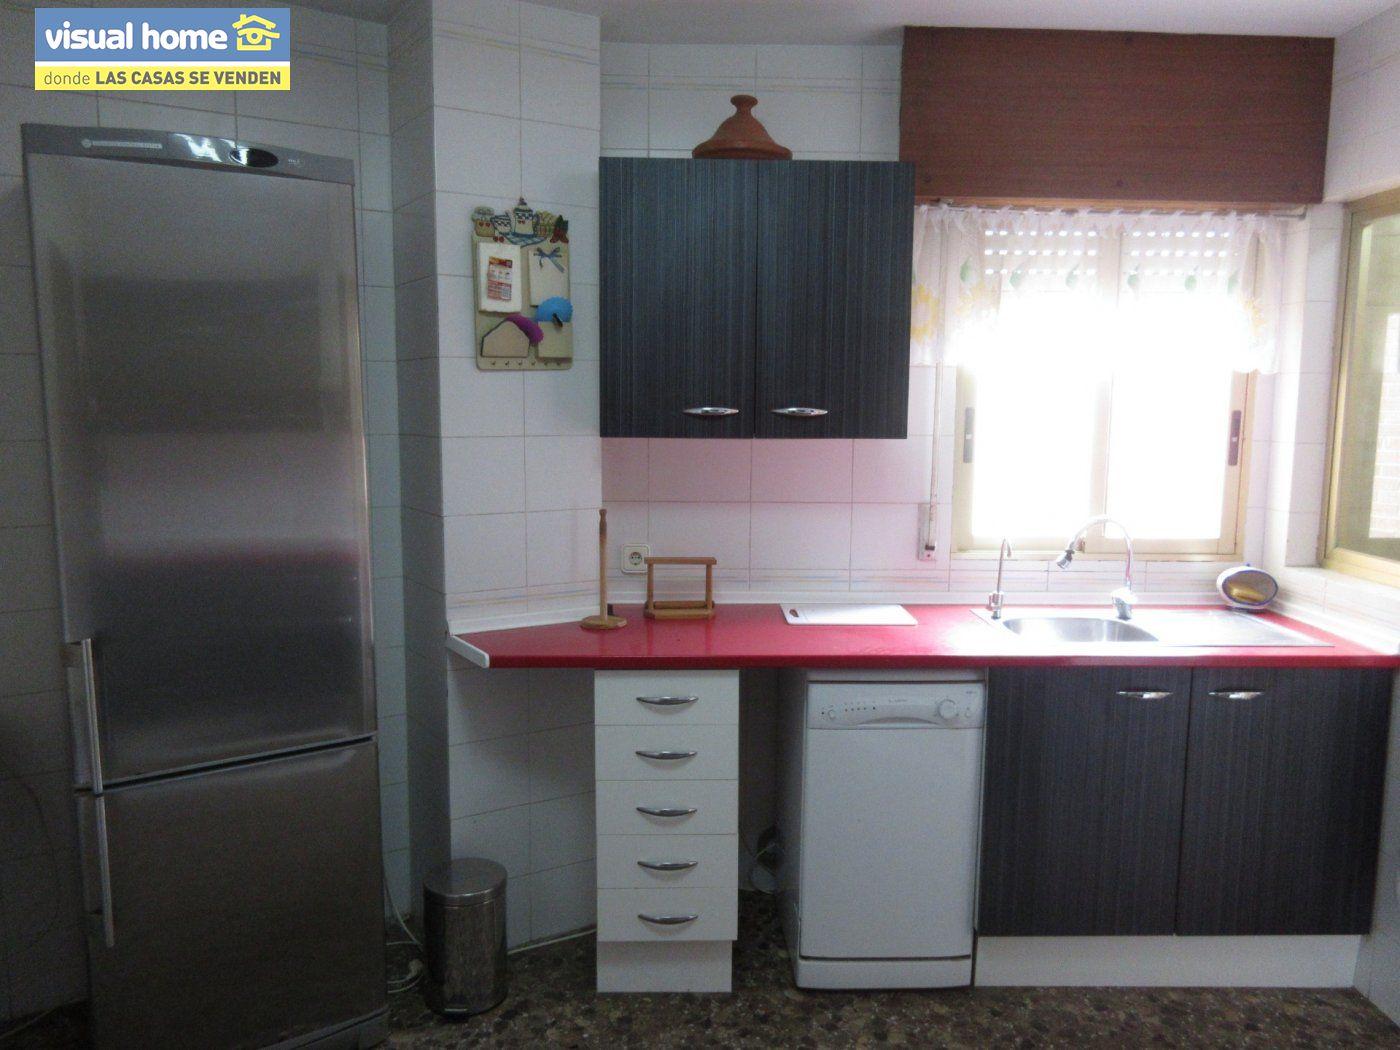 Piso con VISTAS AL MAR, con 3 dormitorios, 2 baños, GARAJE y TRASTERO 7